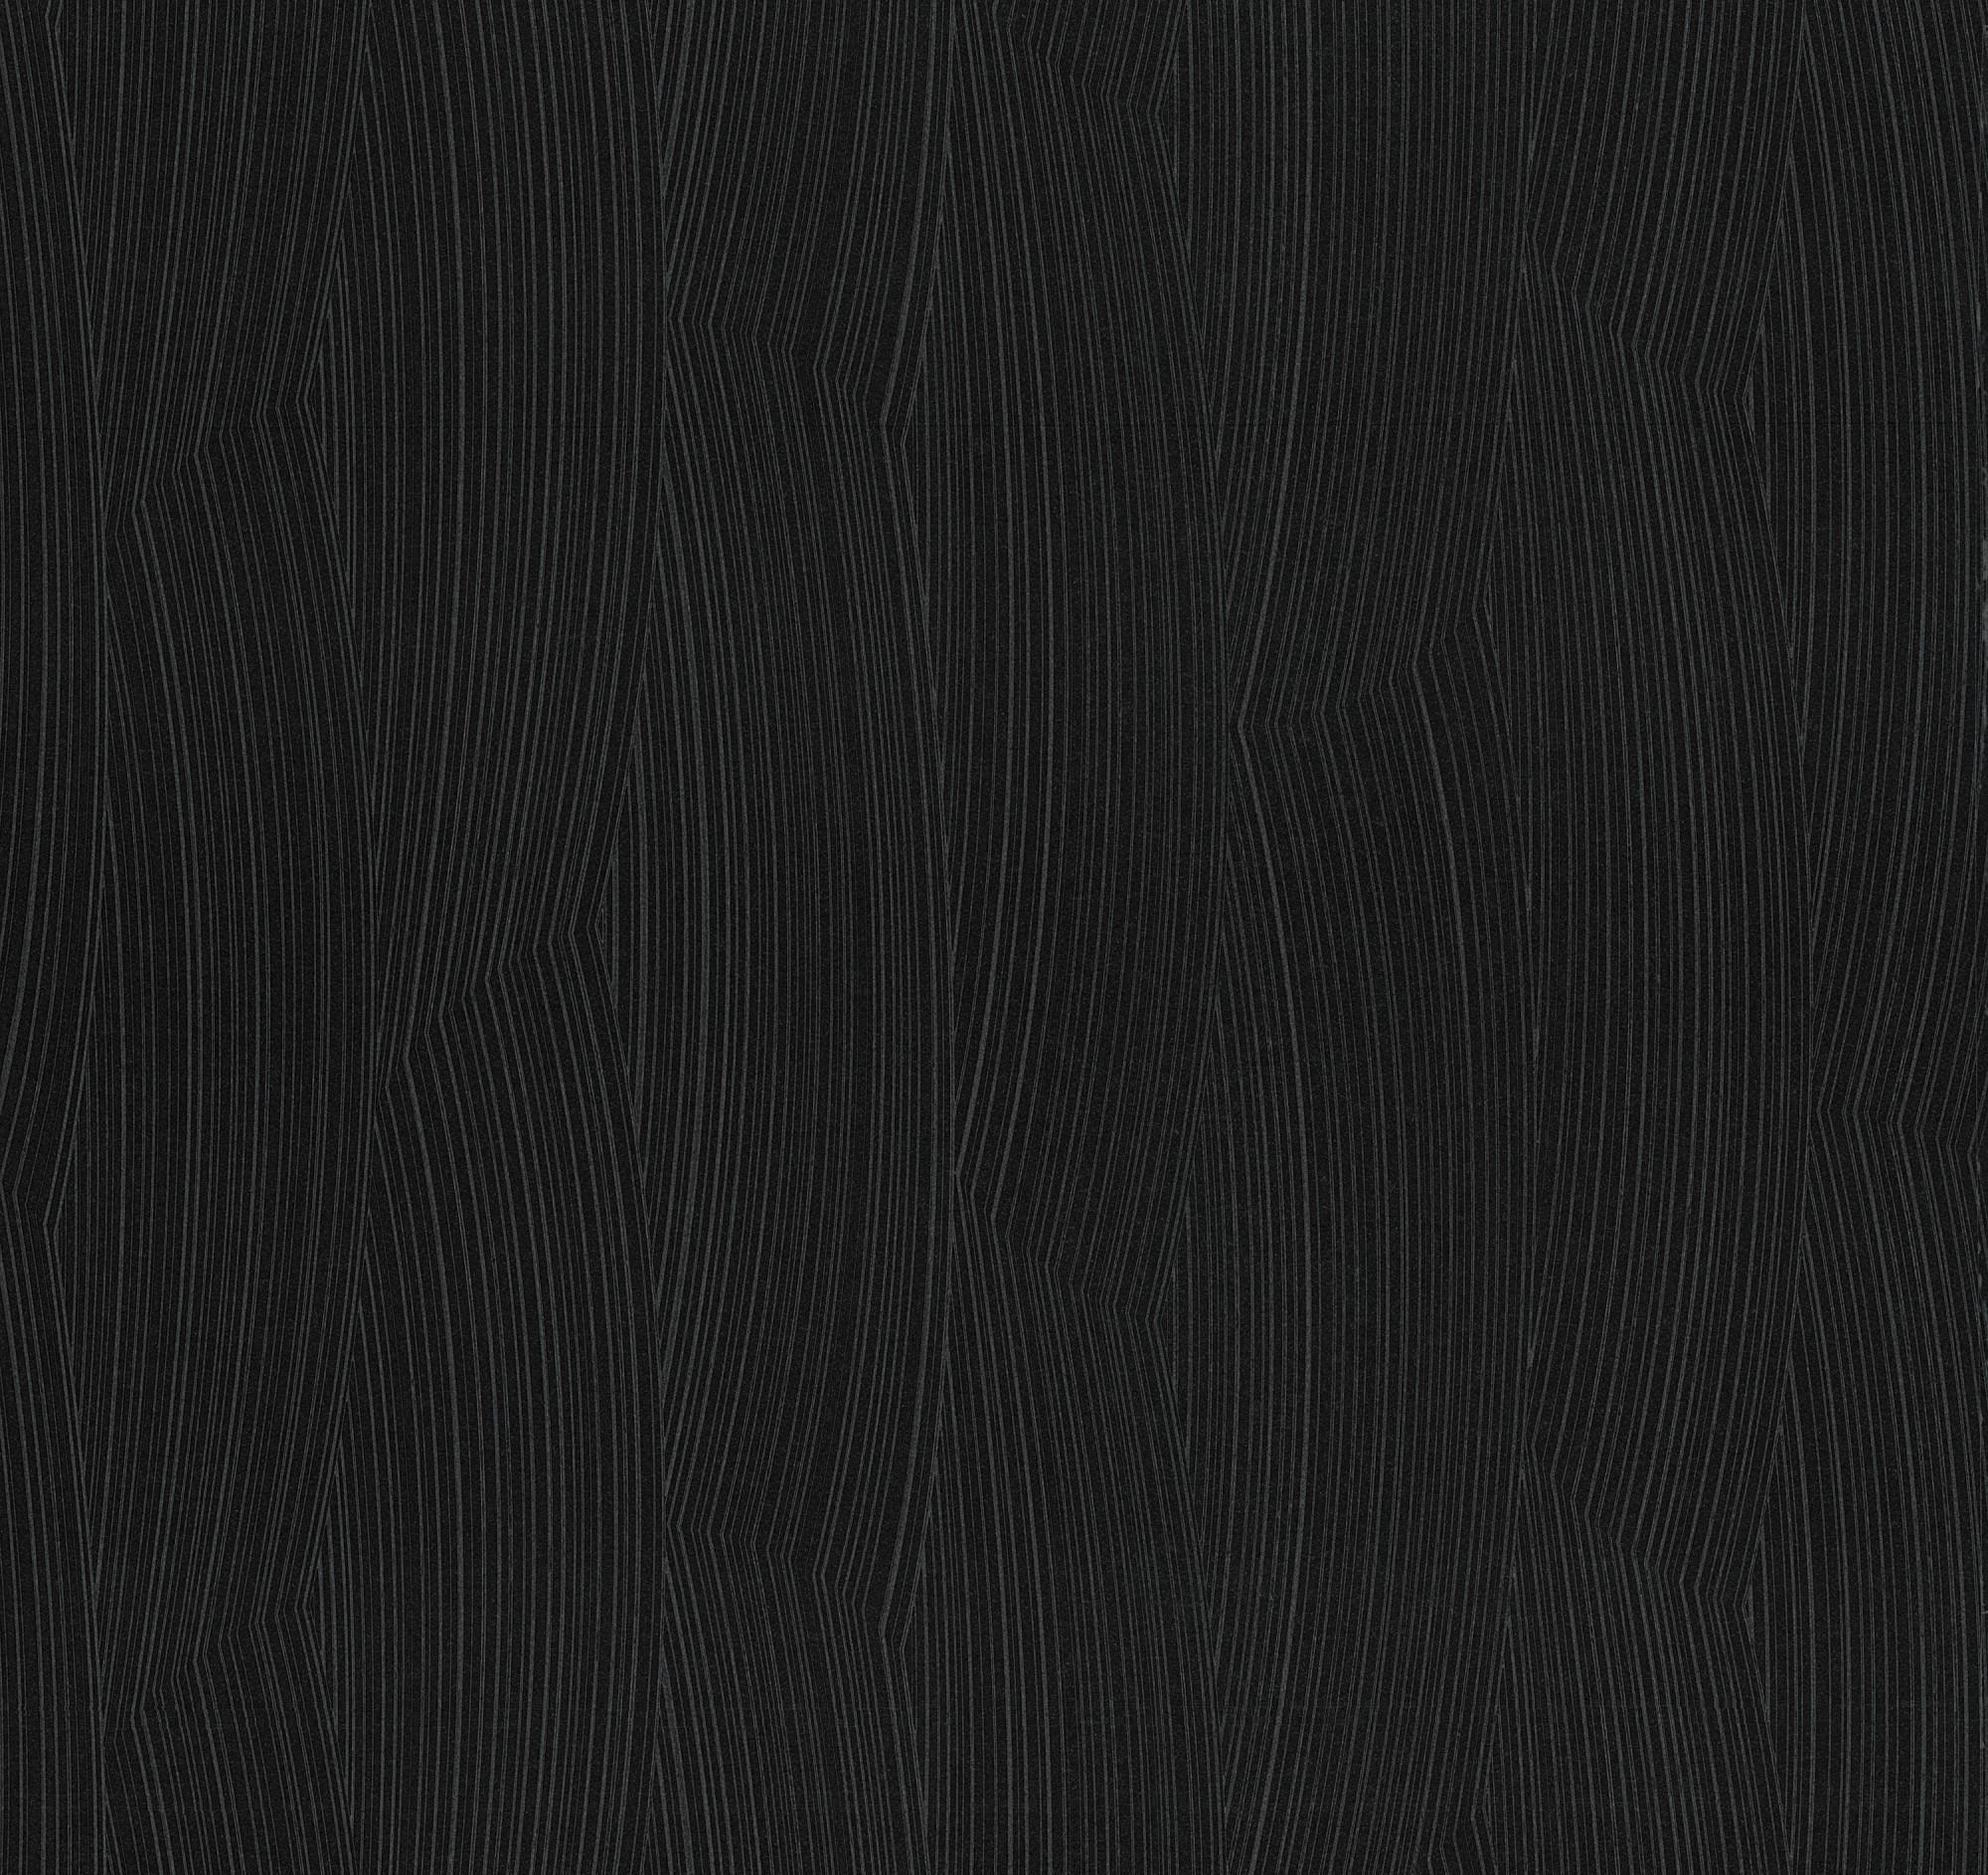 Guido maria kretschmer tapete schwarz uni 02467 40 for Tapete schwarz